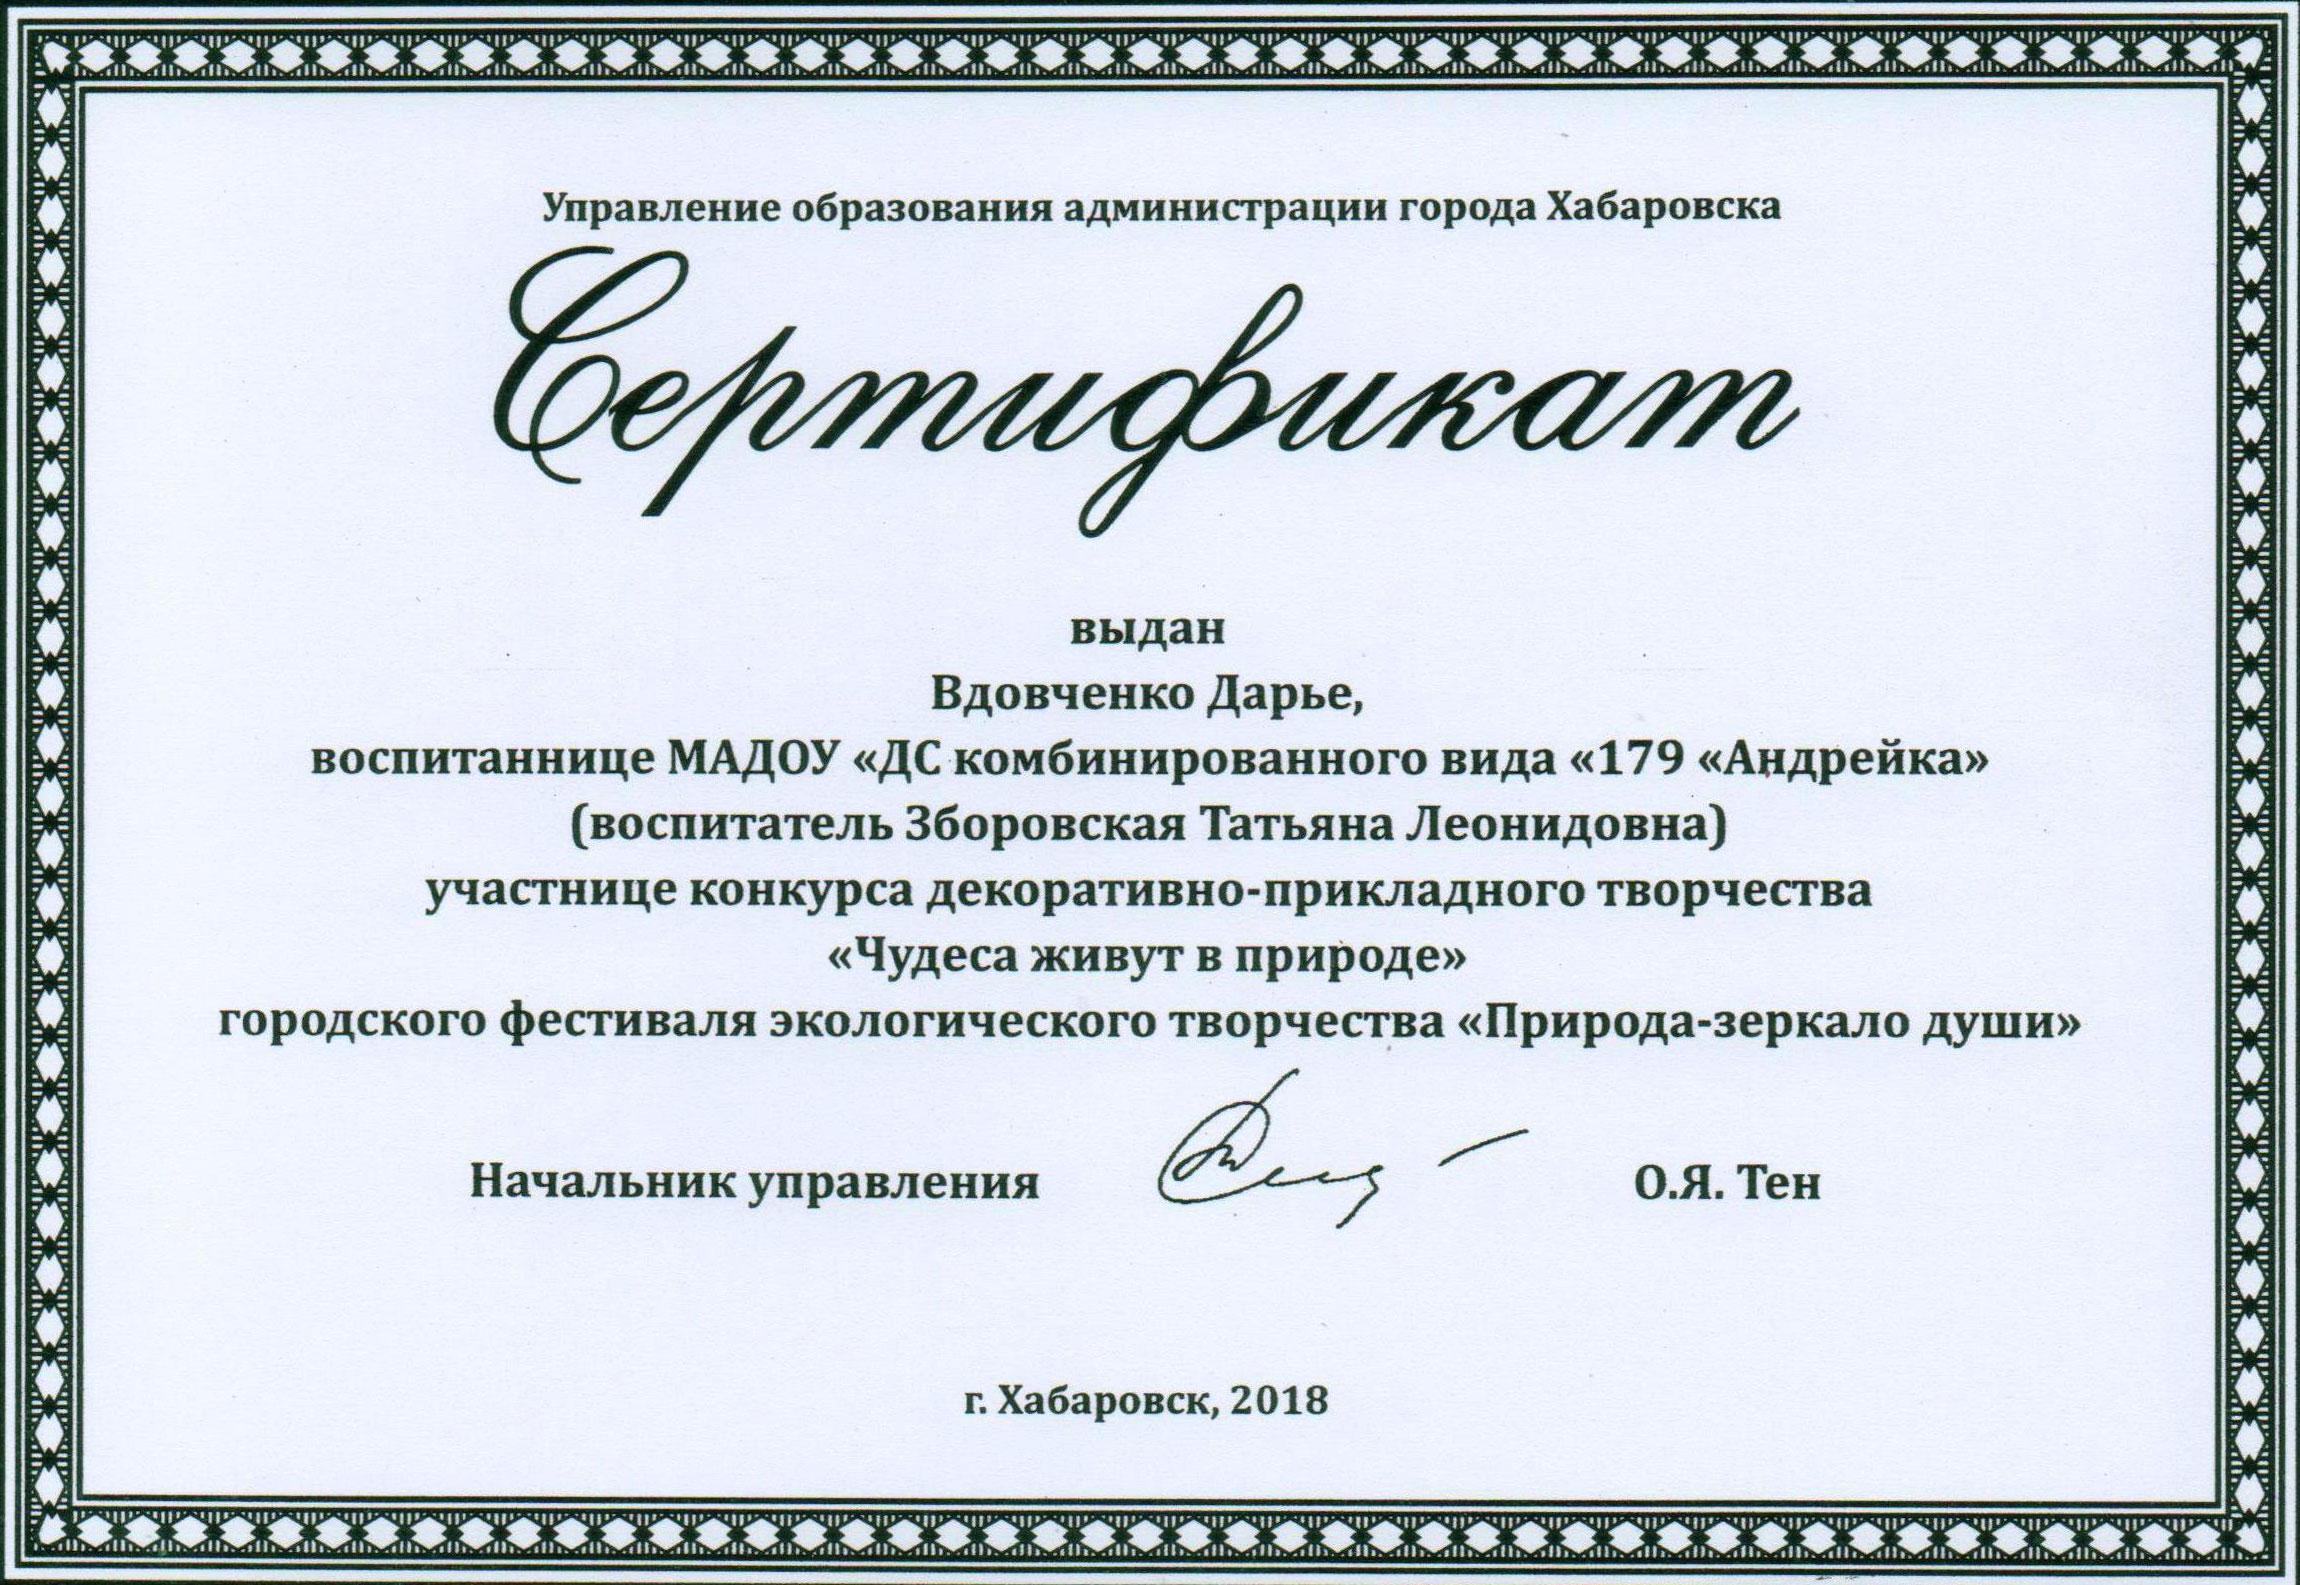 Сертификат Вдовченко